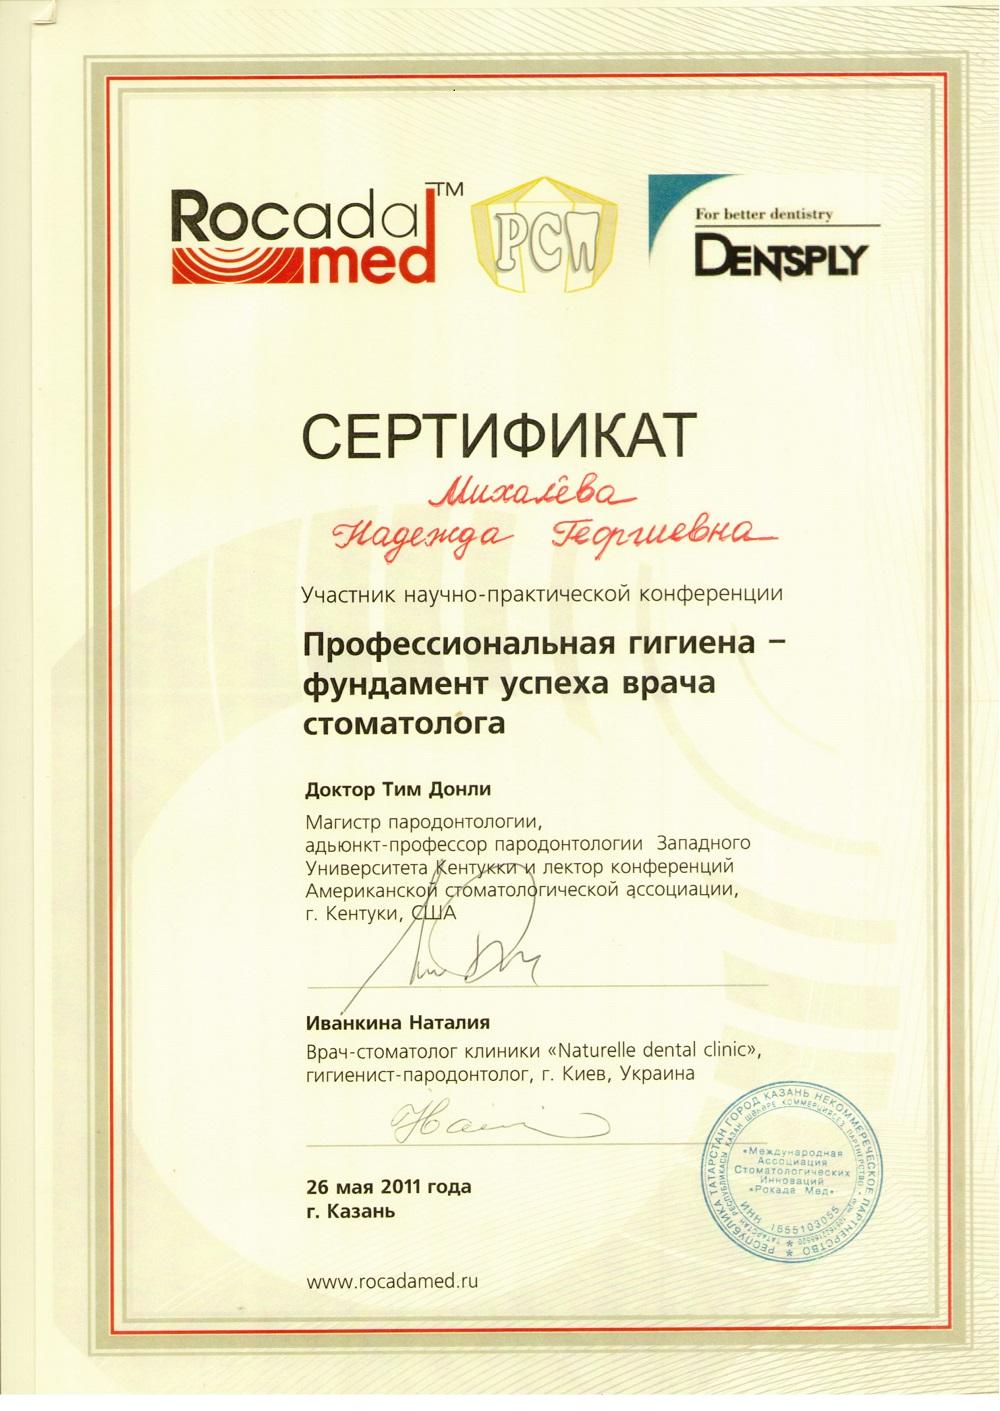 сертификат участника конференции Профессиональная гигиена